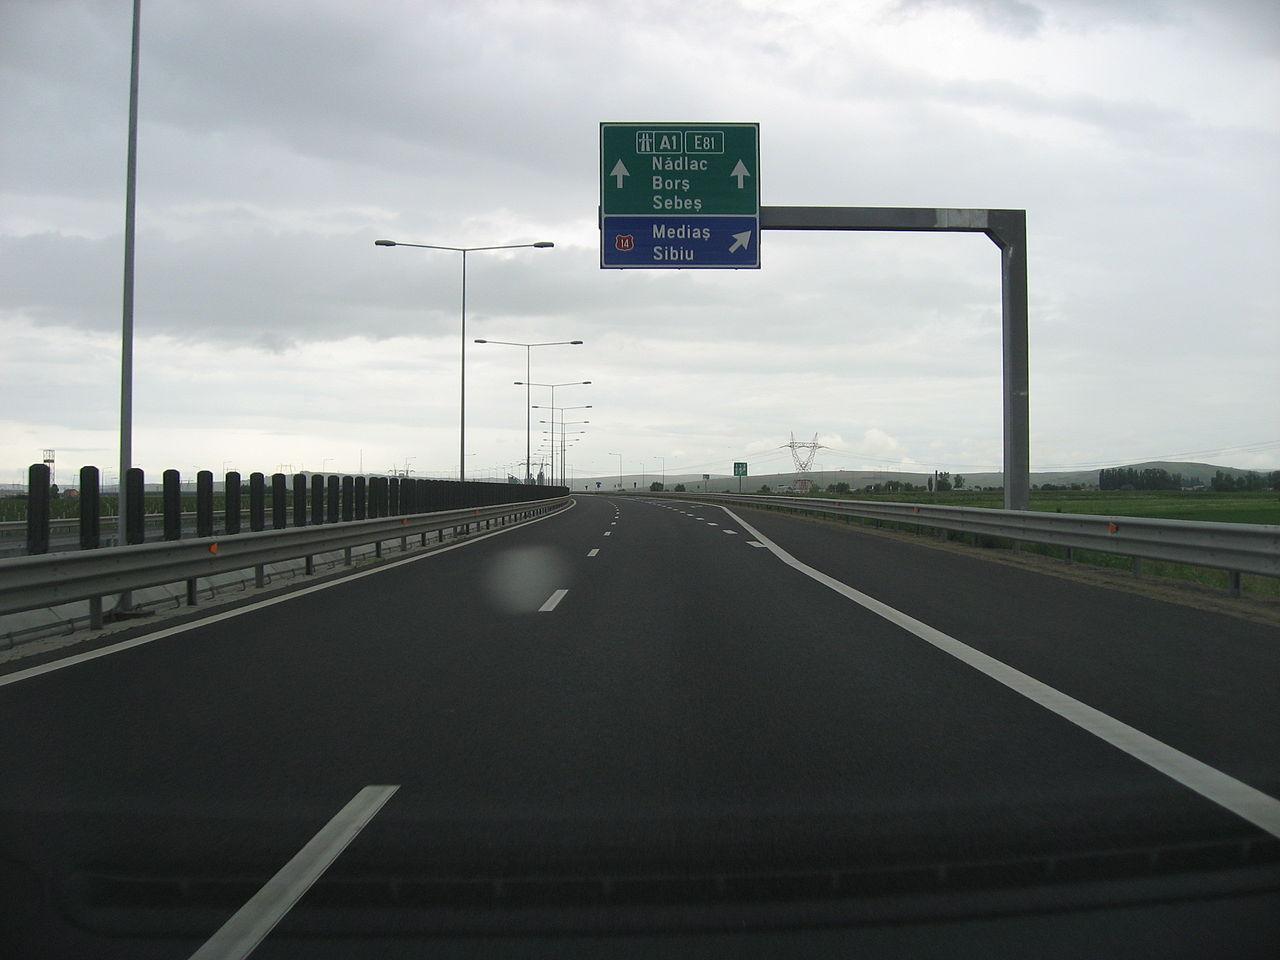 Romênia estradas